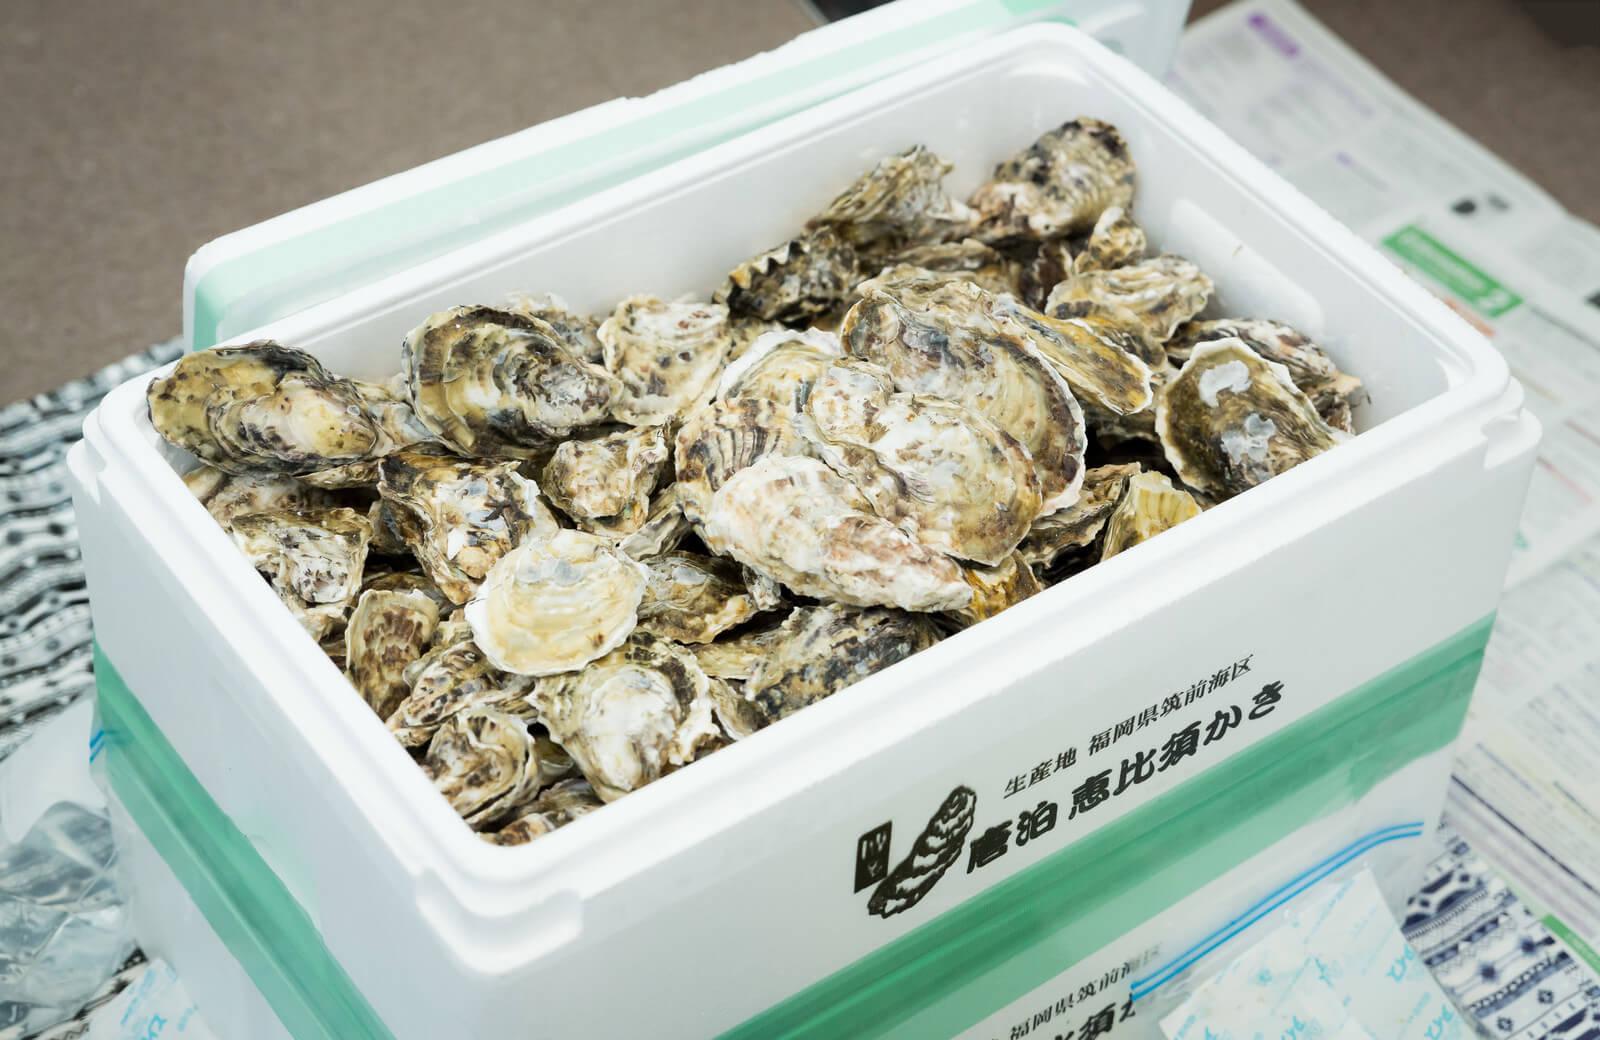 発泡スチロールに入った大量の牡蠣